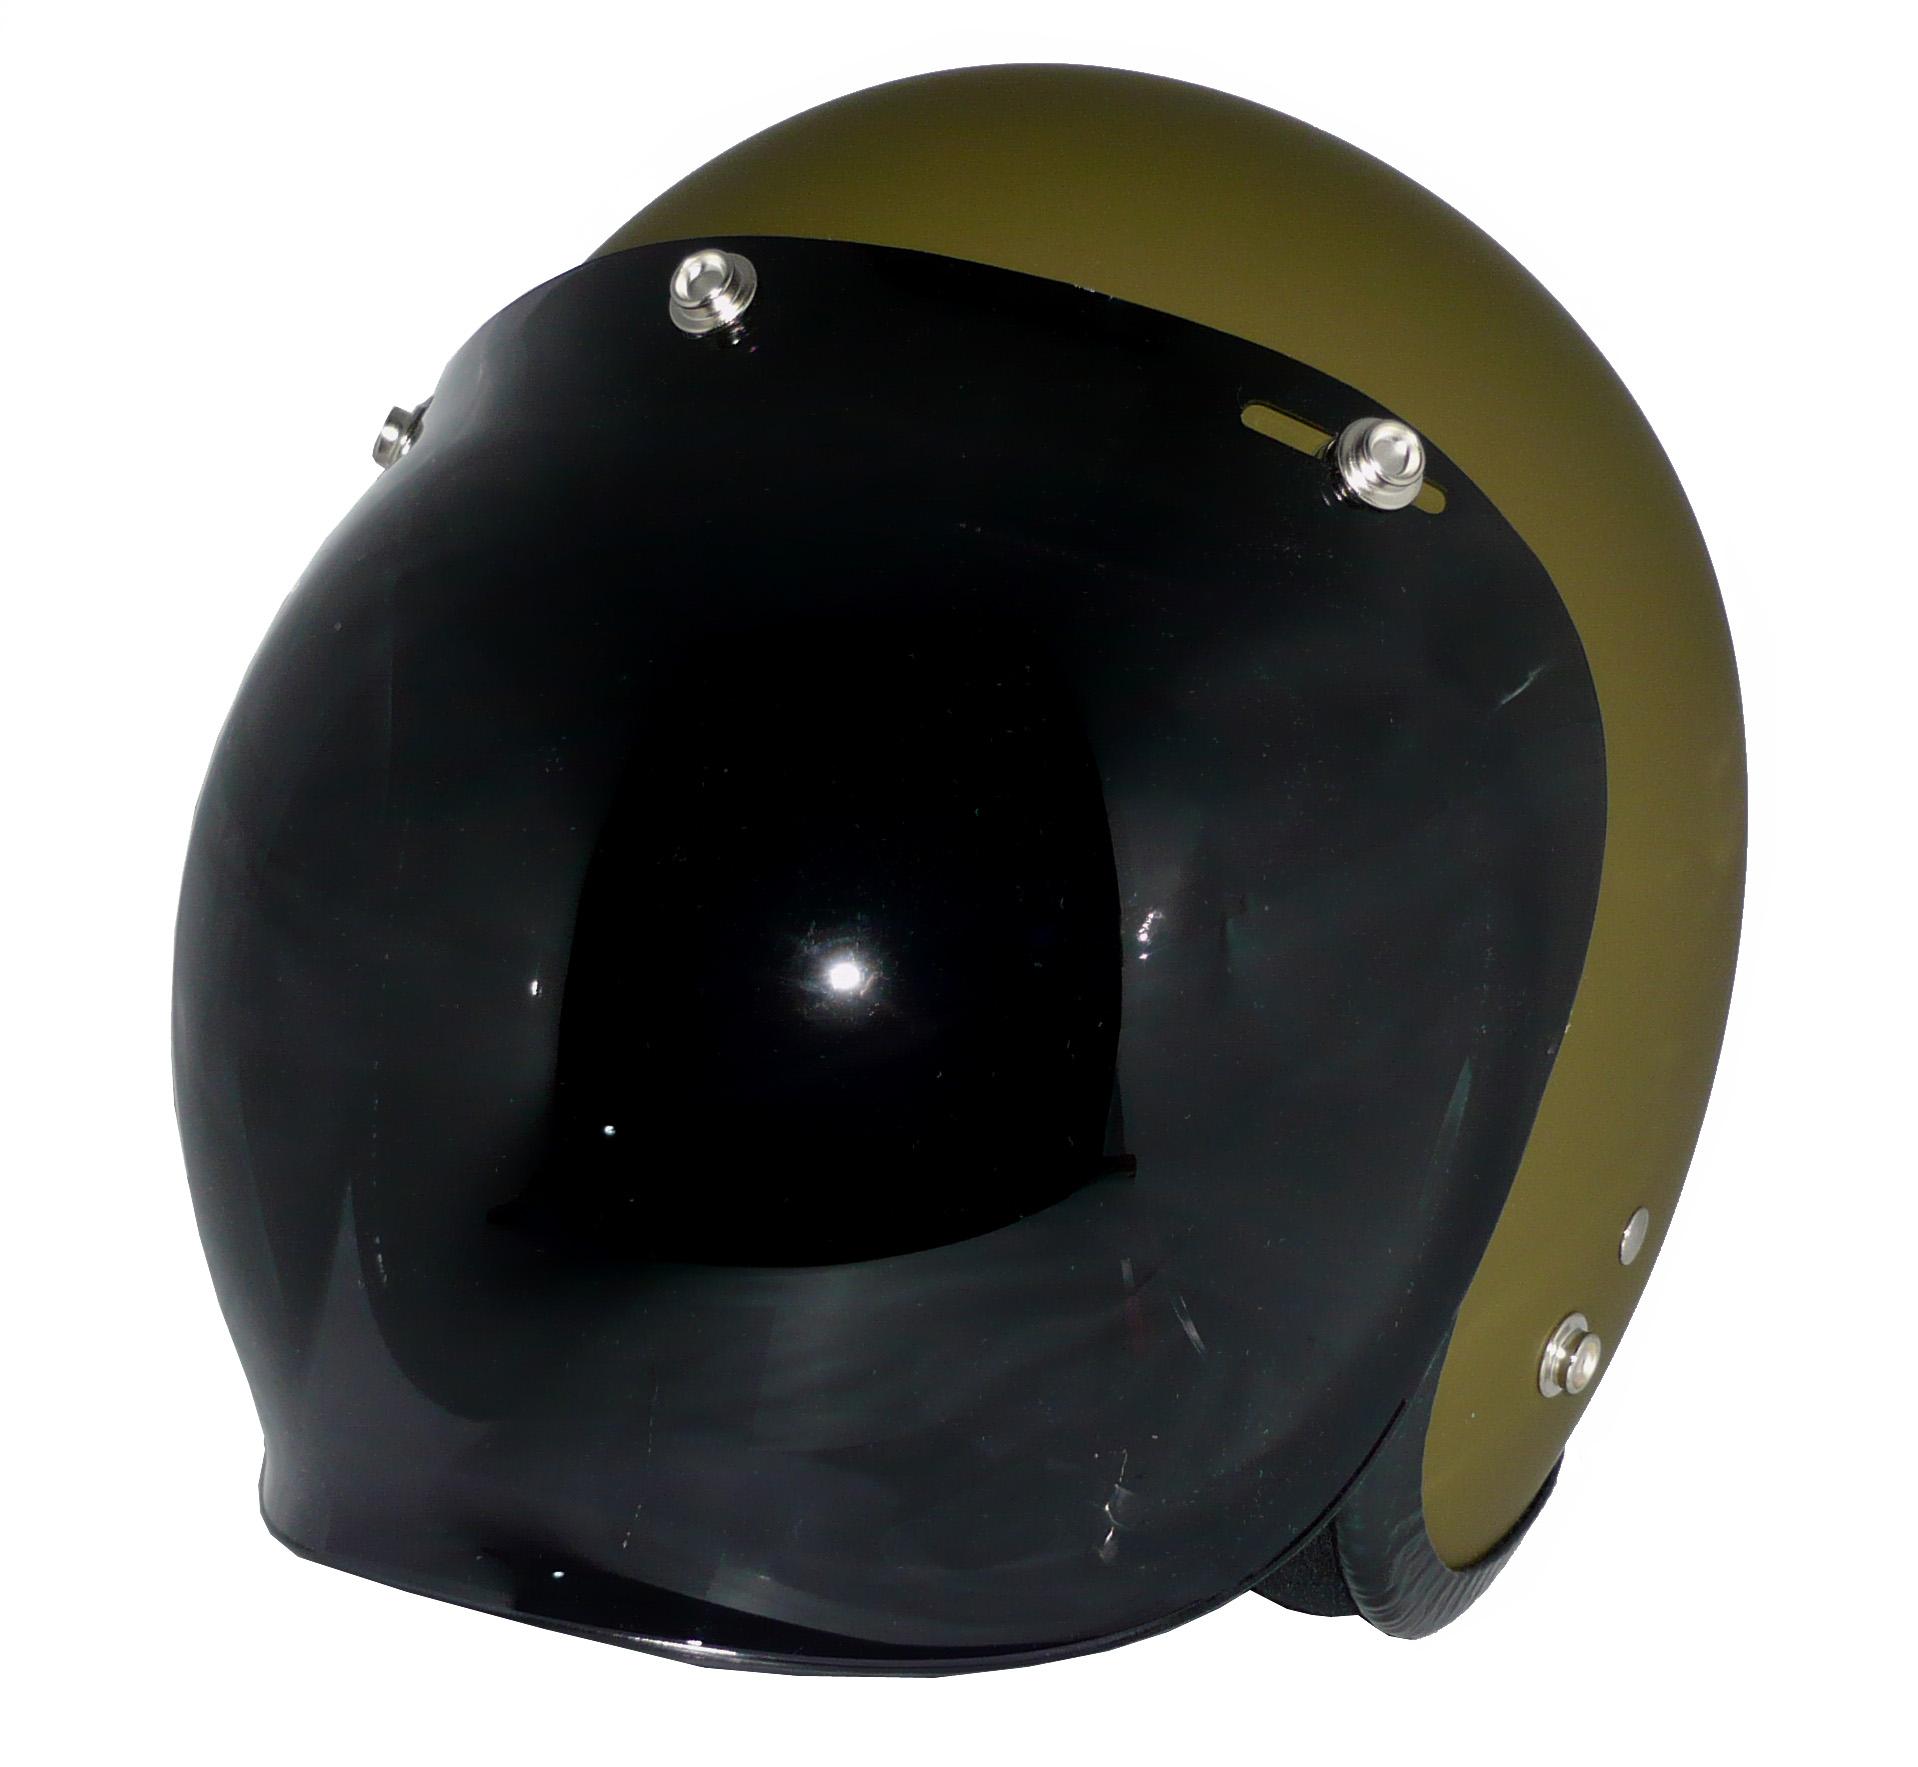 ZK-300(内装外して洗える!)スモールジェット(マットオリーブグリーン)+ダークスモークバブル   全排気量対応